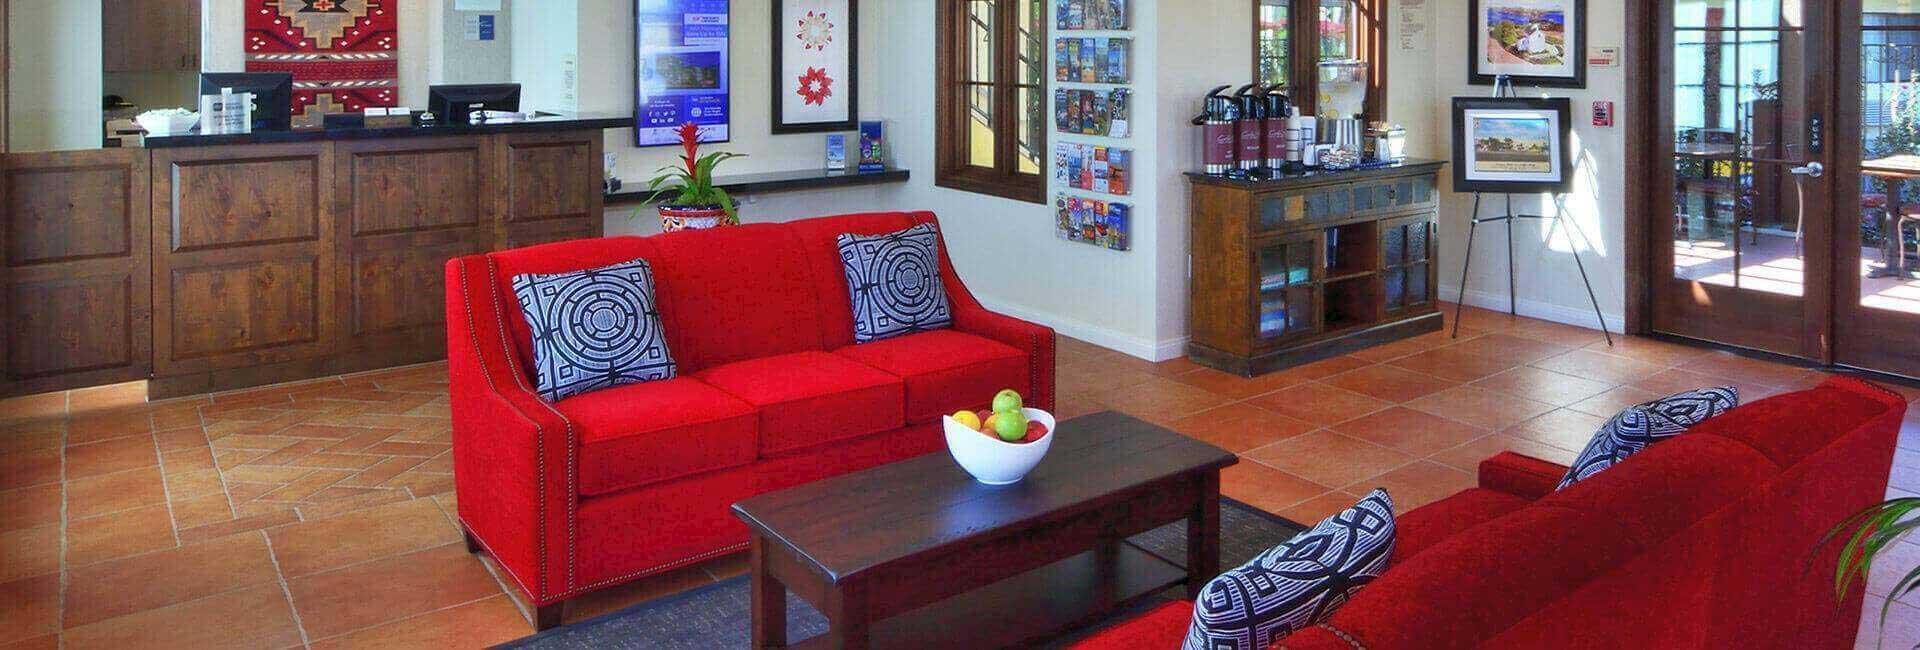 Lamplighter Inn & Suites at SDSU